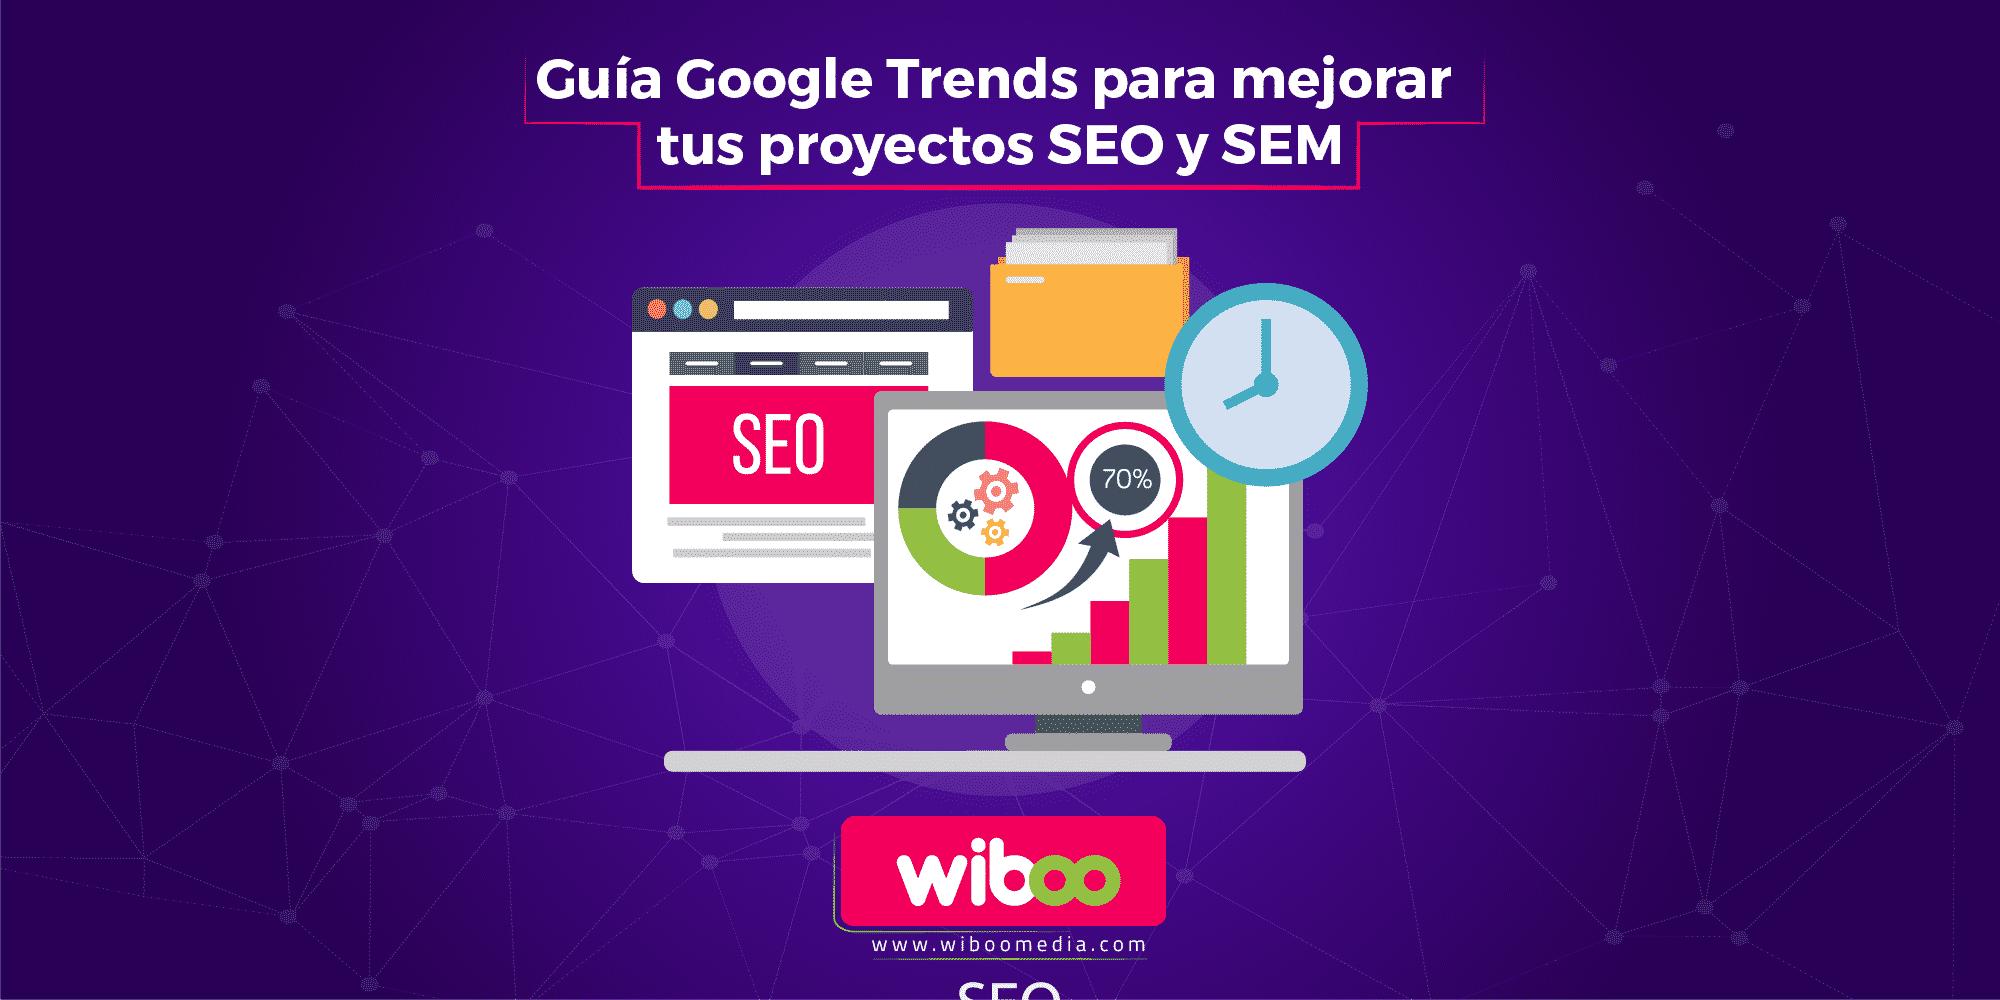 Guía Google Trends para mejorar tus proyectos SEO y SEM,(el blog de Wiboo)